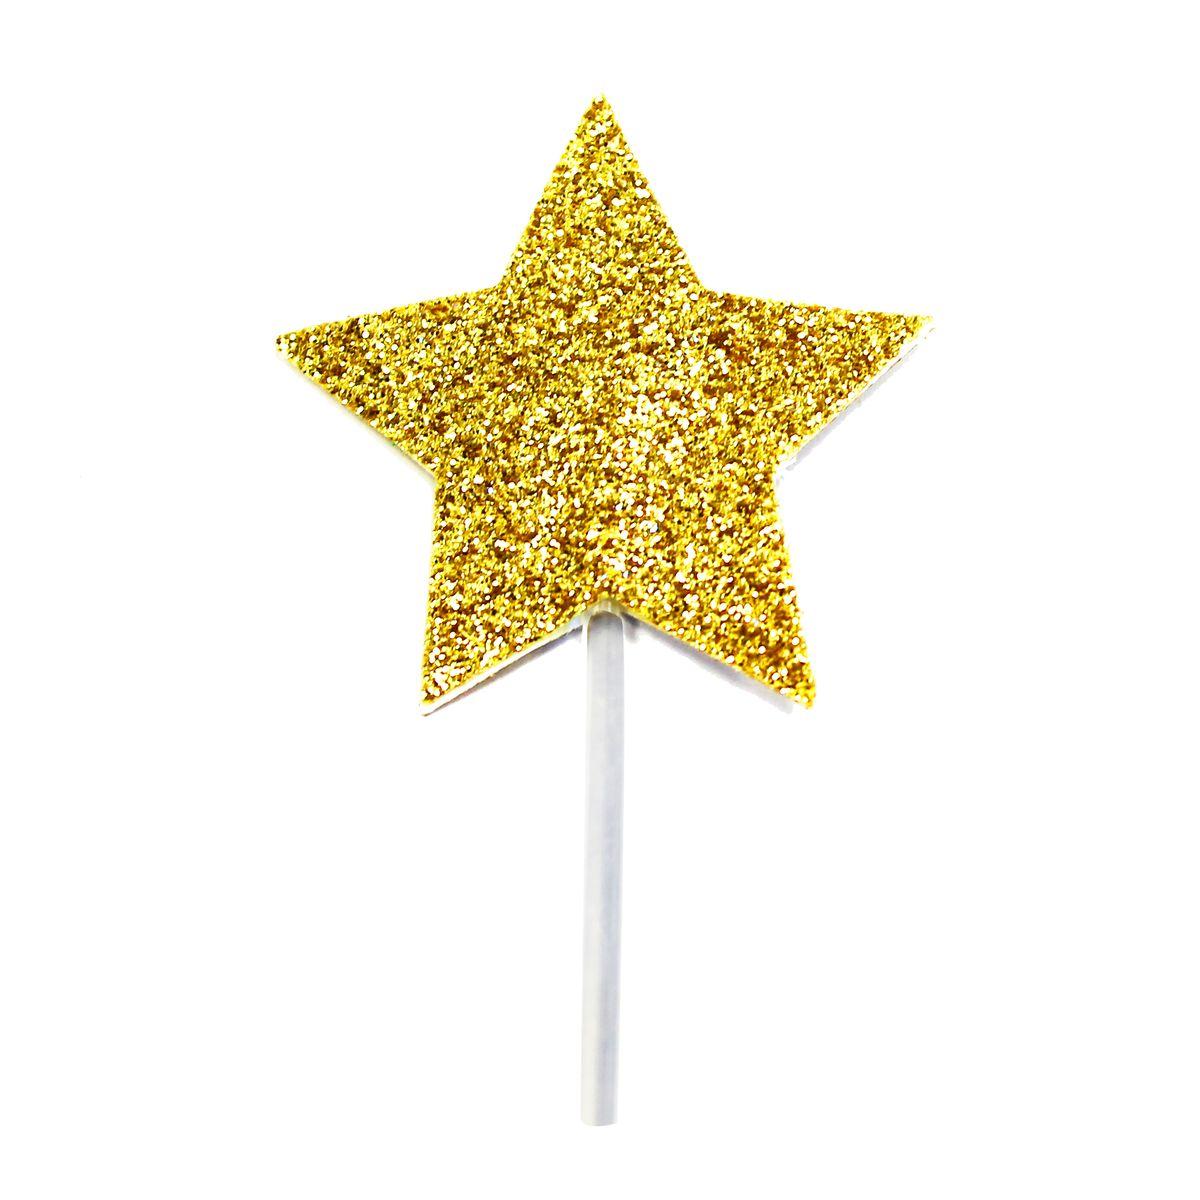 Décor de gâteau : 12 étoiles dorées - Creative Party